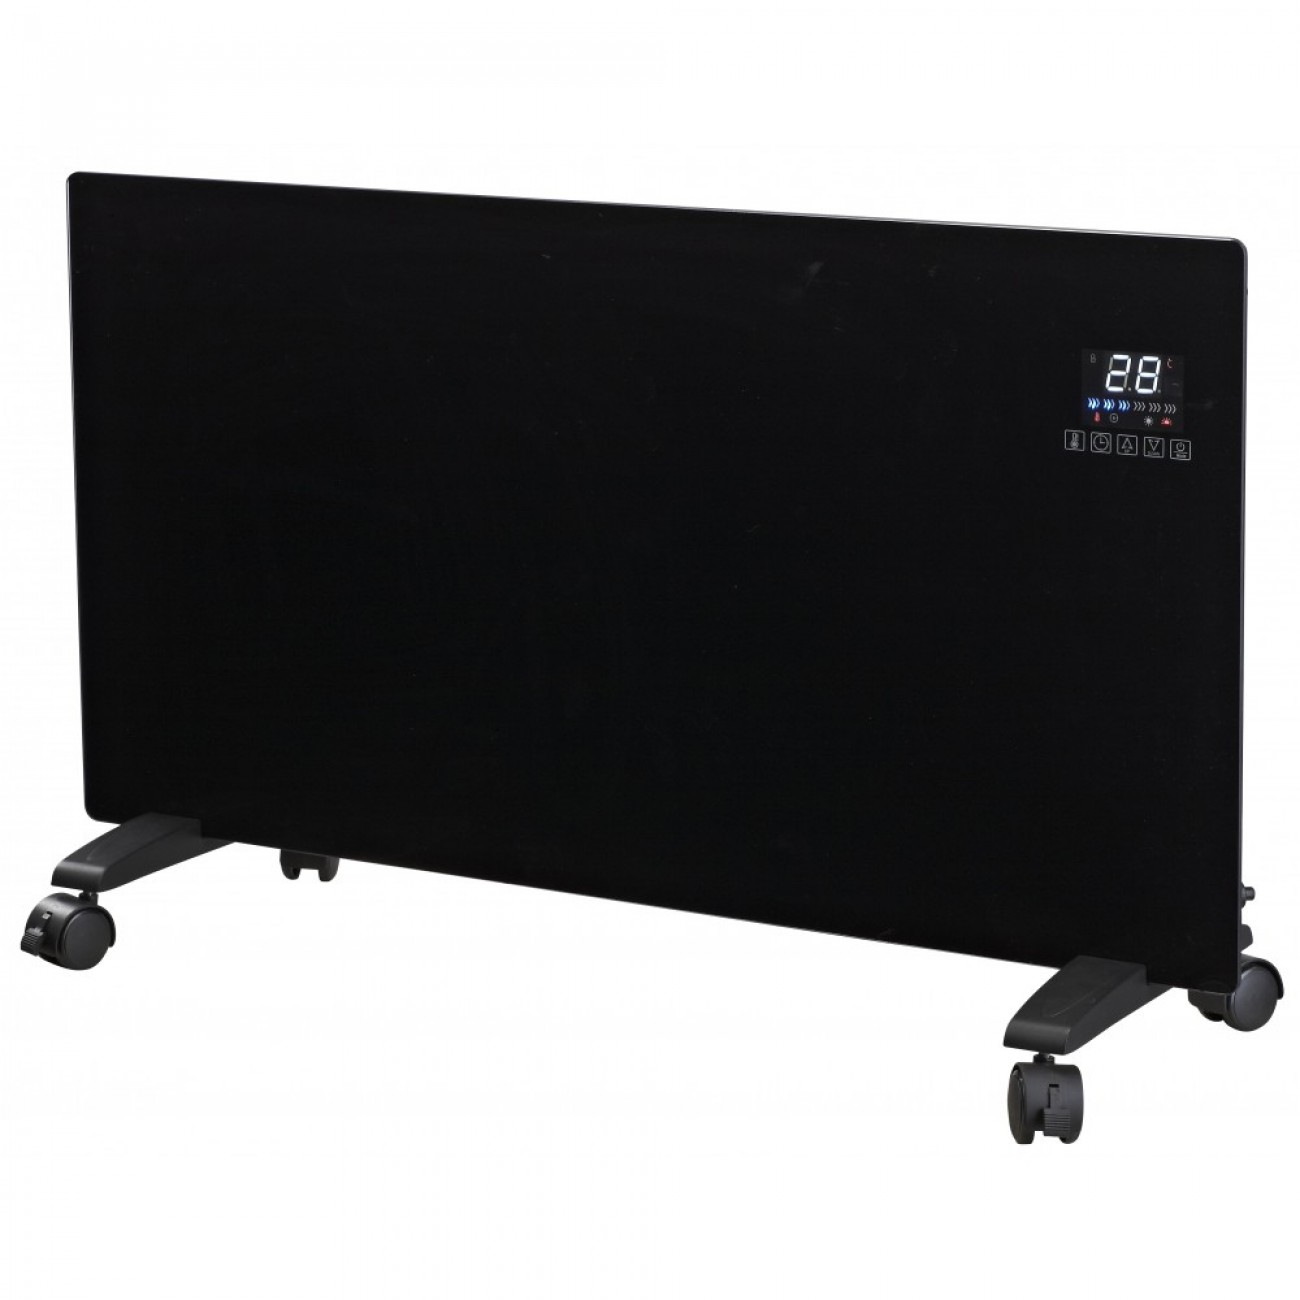 Конвектор за стена или под ZEPHYR ZP 1974 C, 2000W, 2 степени, Таймер 24 часа, Дистанционно, 5 до 35°C, LCD, Черен в Конвекторни печки - ZEPHYR | Alleop